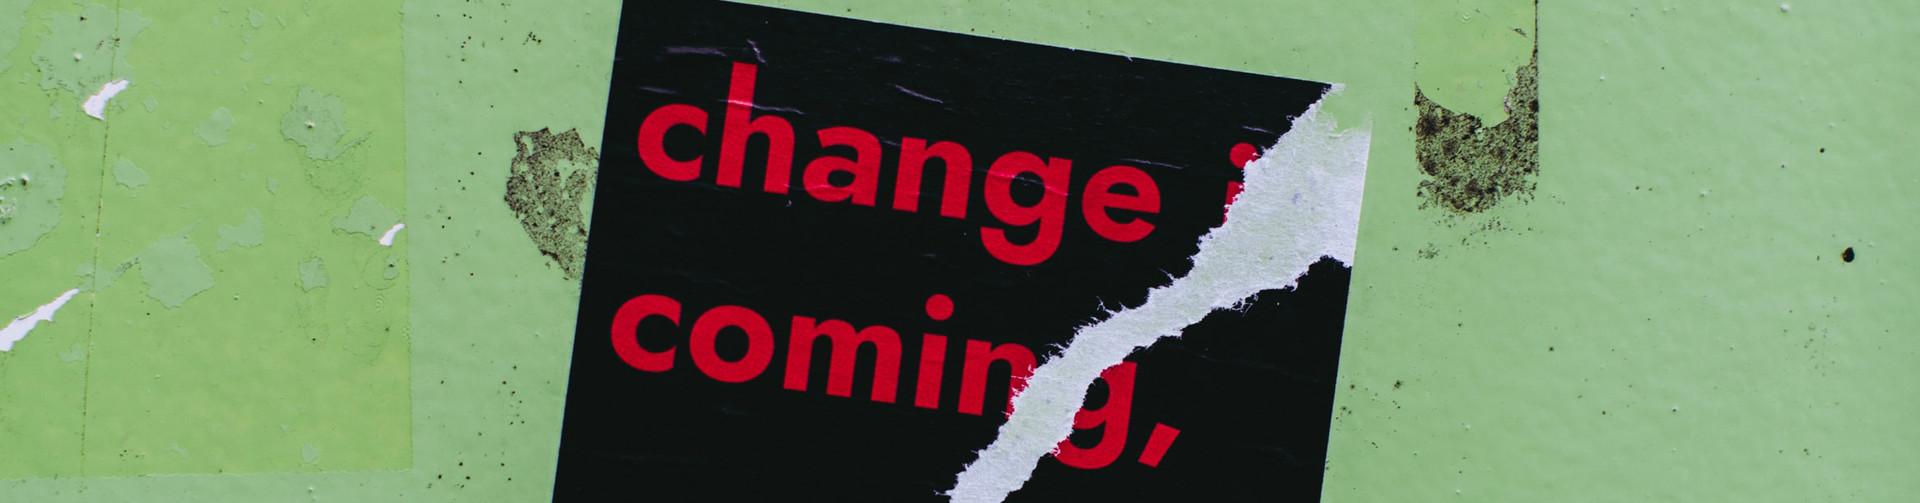 Veränderung gab es schon immer